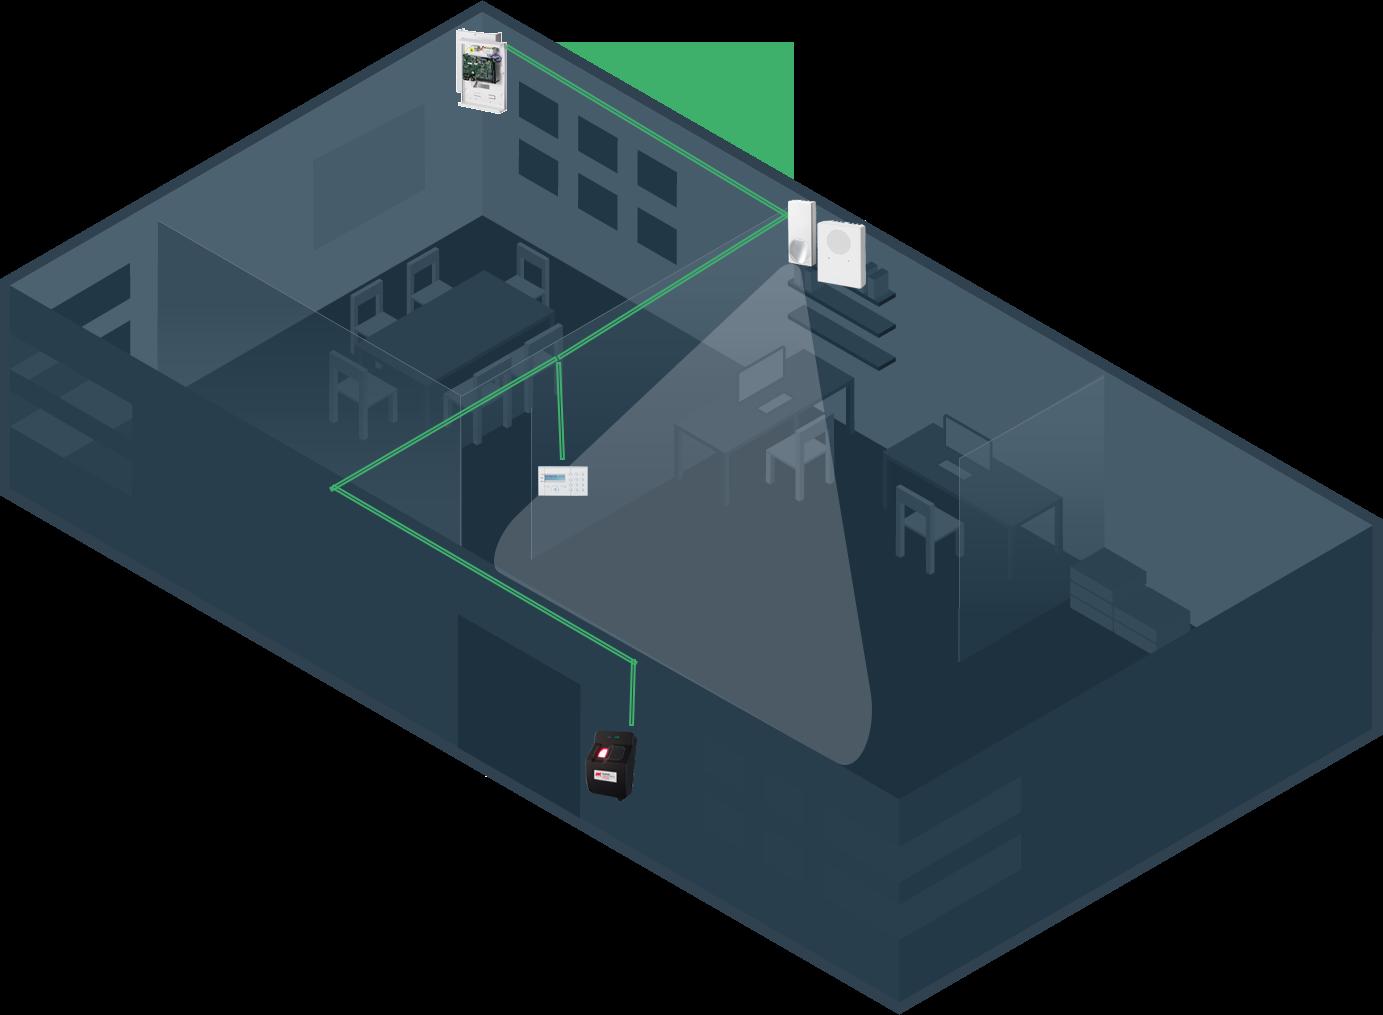 einbruchmeldeanlage_zutrittskontrolle_skizze